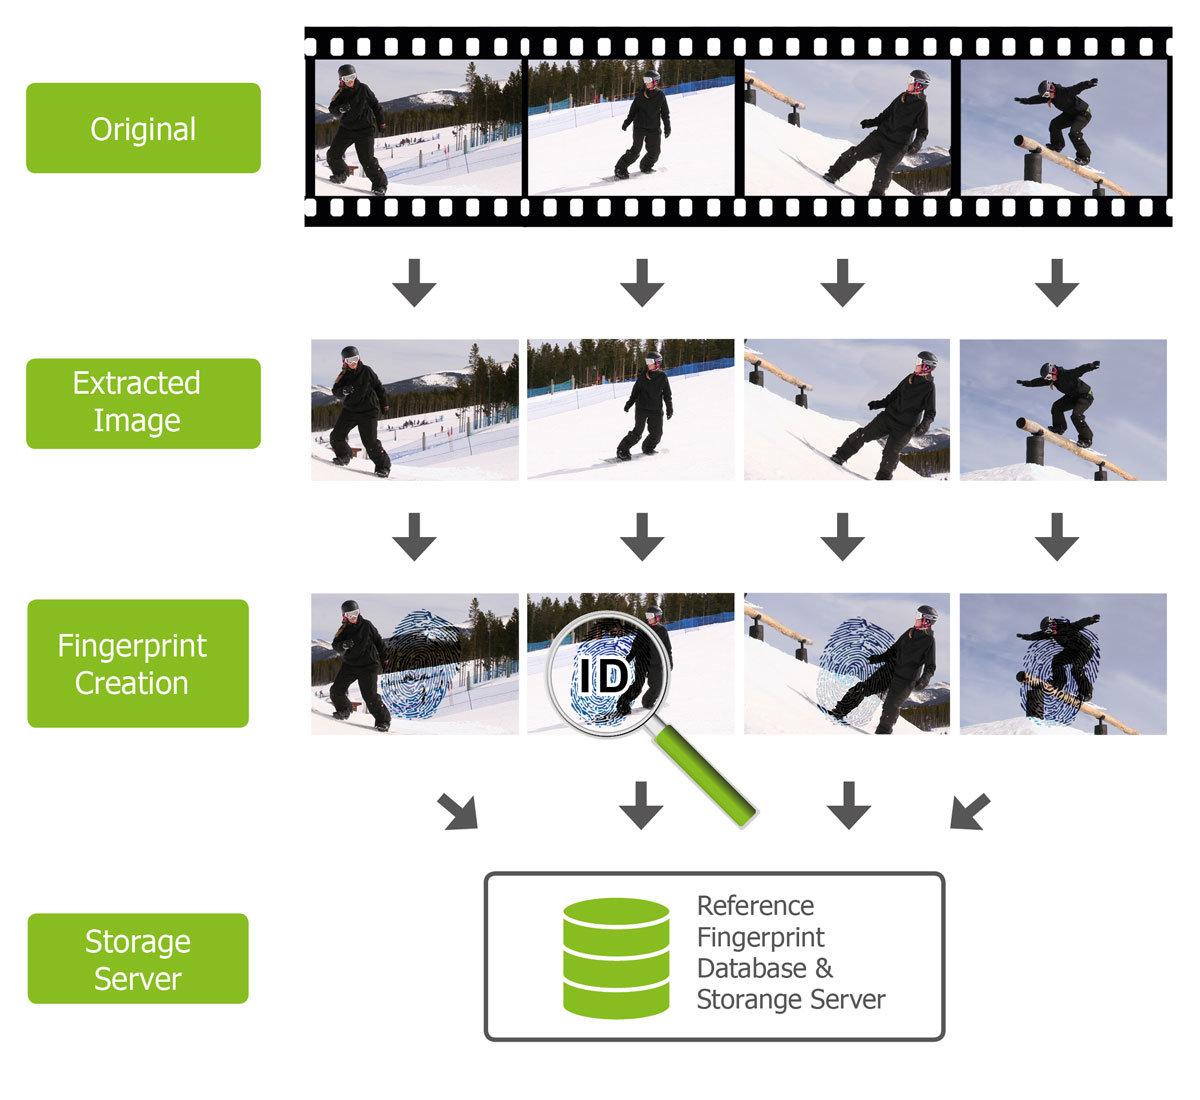 Finden Sie ähnliche oder gleiche Songs und TV-Sendungen mit dem Video + Audio Fingerprinting Modul.